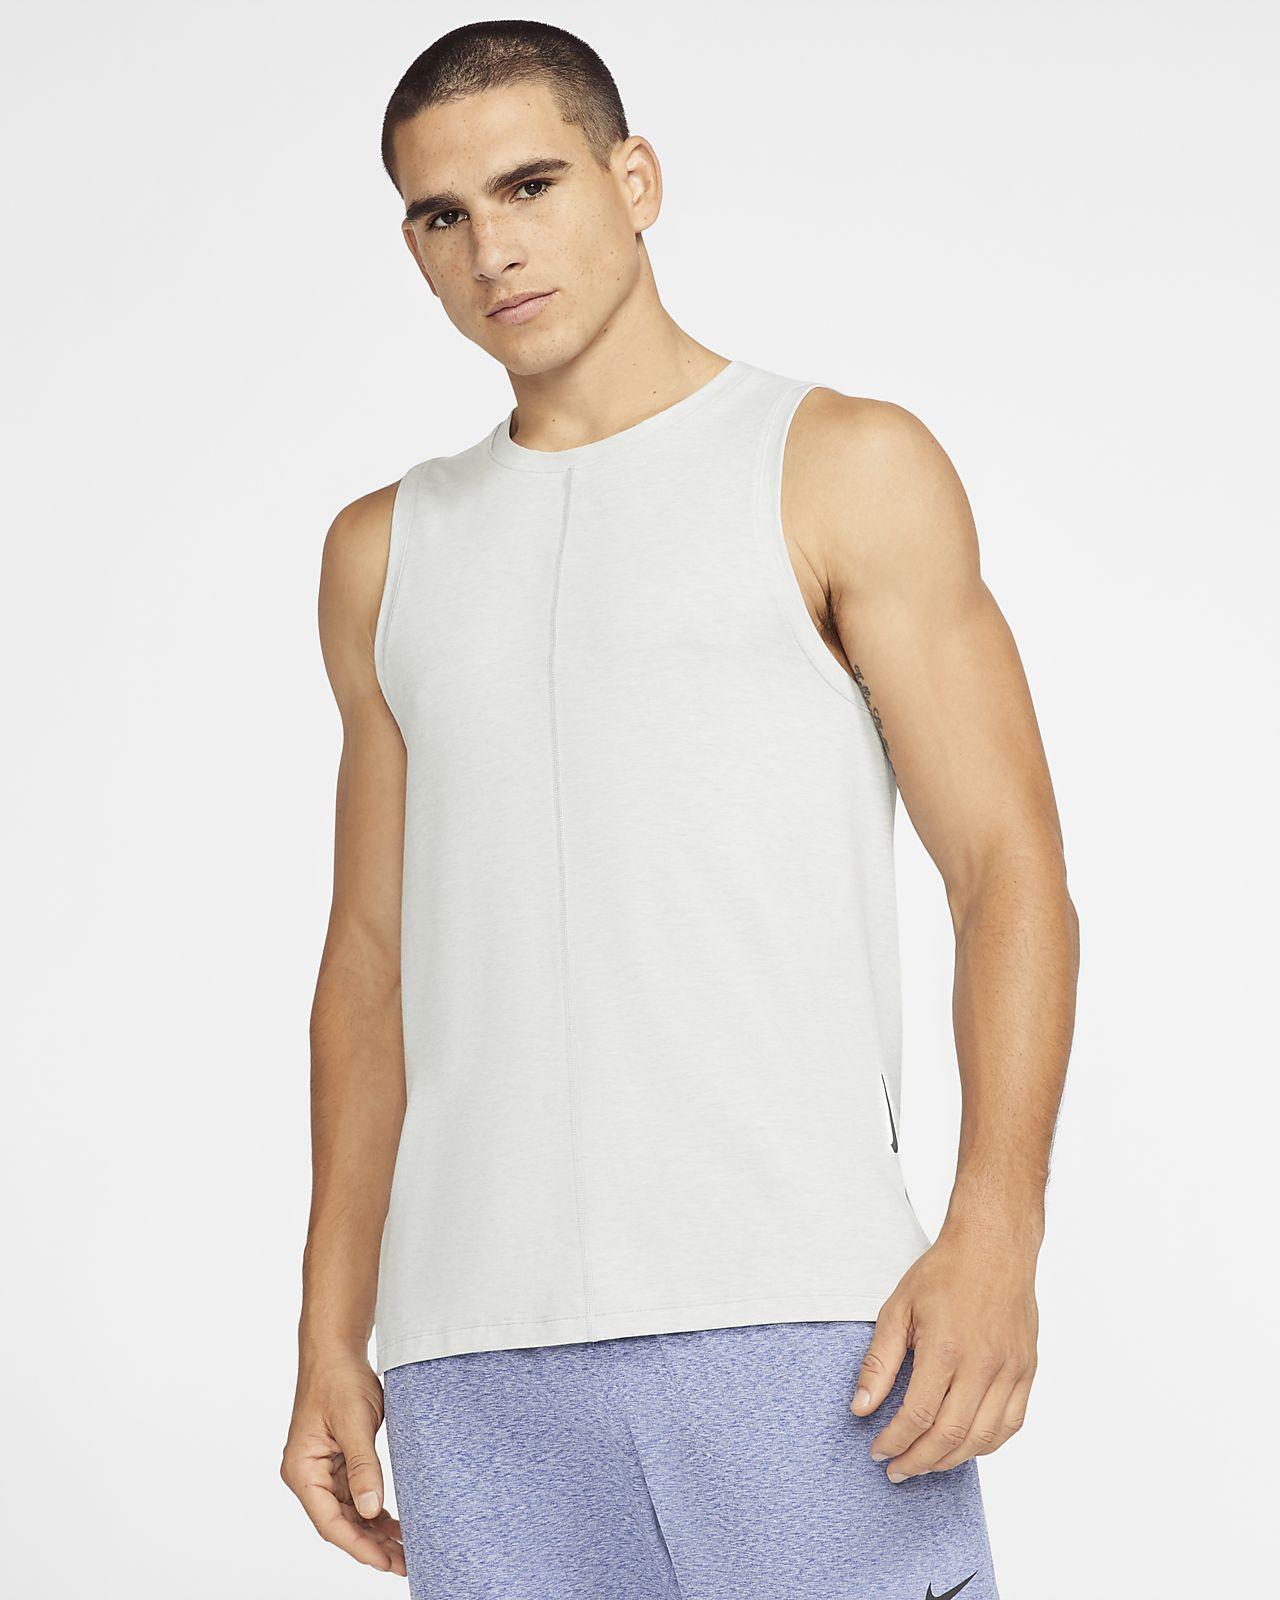 Camisola sem mangas Nike Yoga para homem